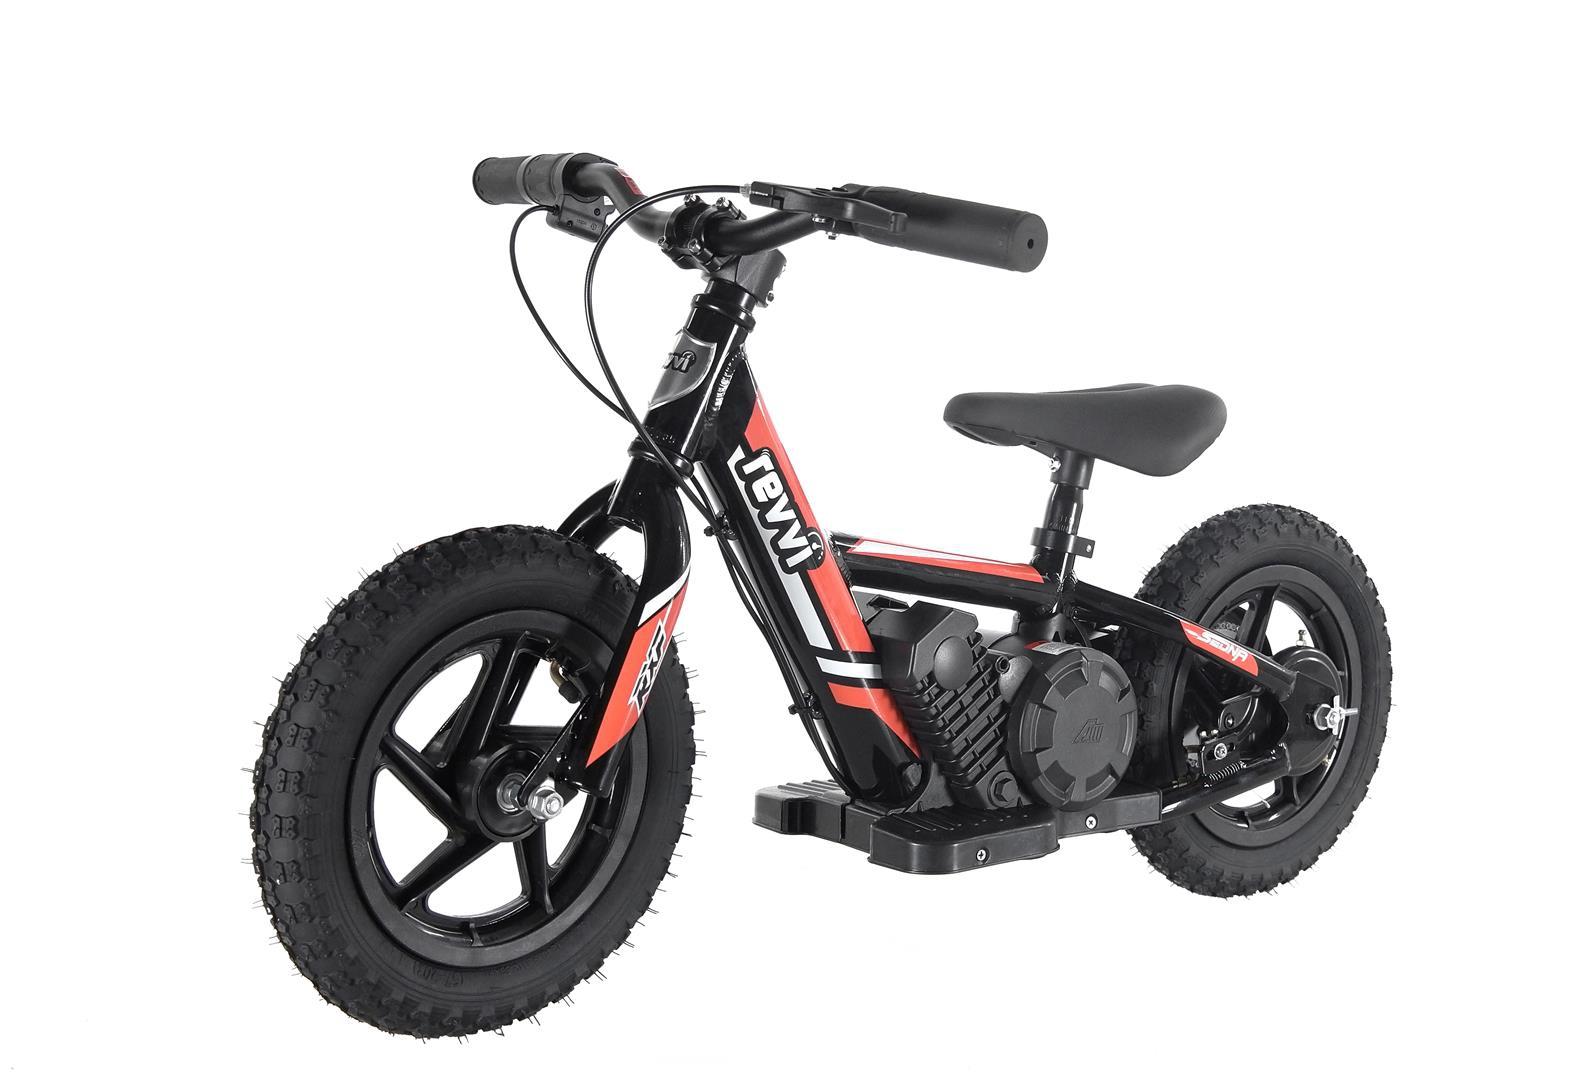 Kids 100w Electric Balance Bike - Revvi Twelve - Orange